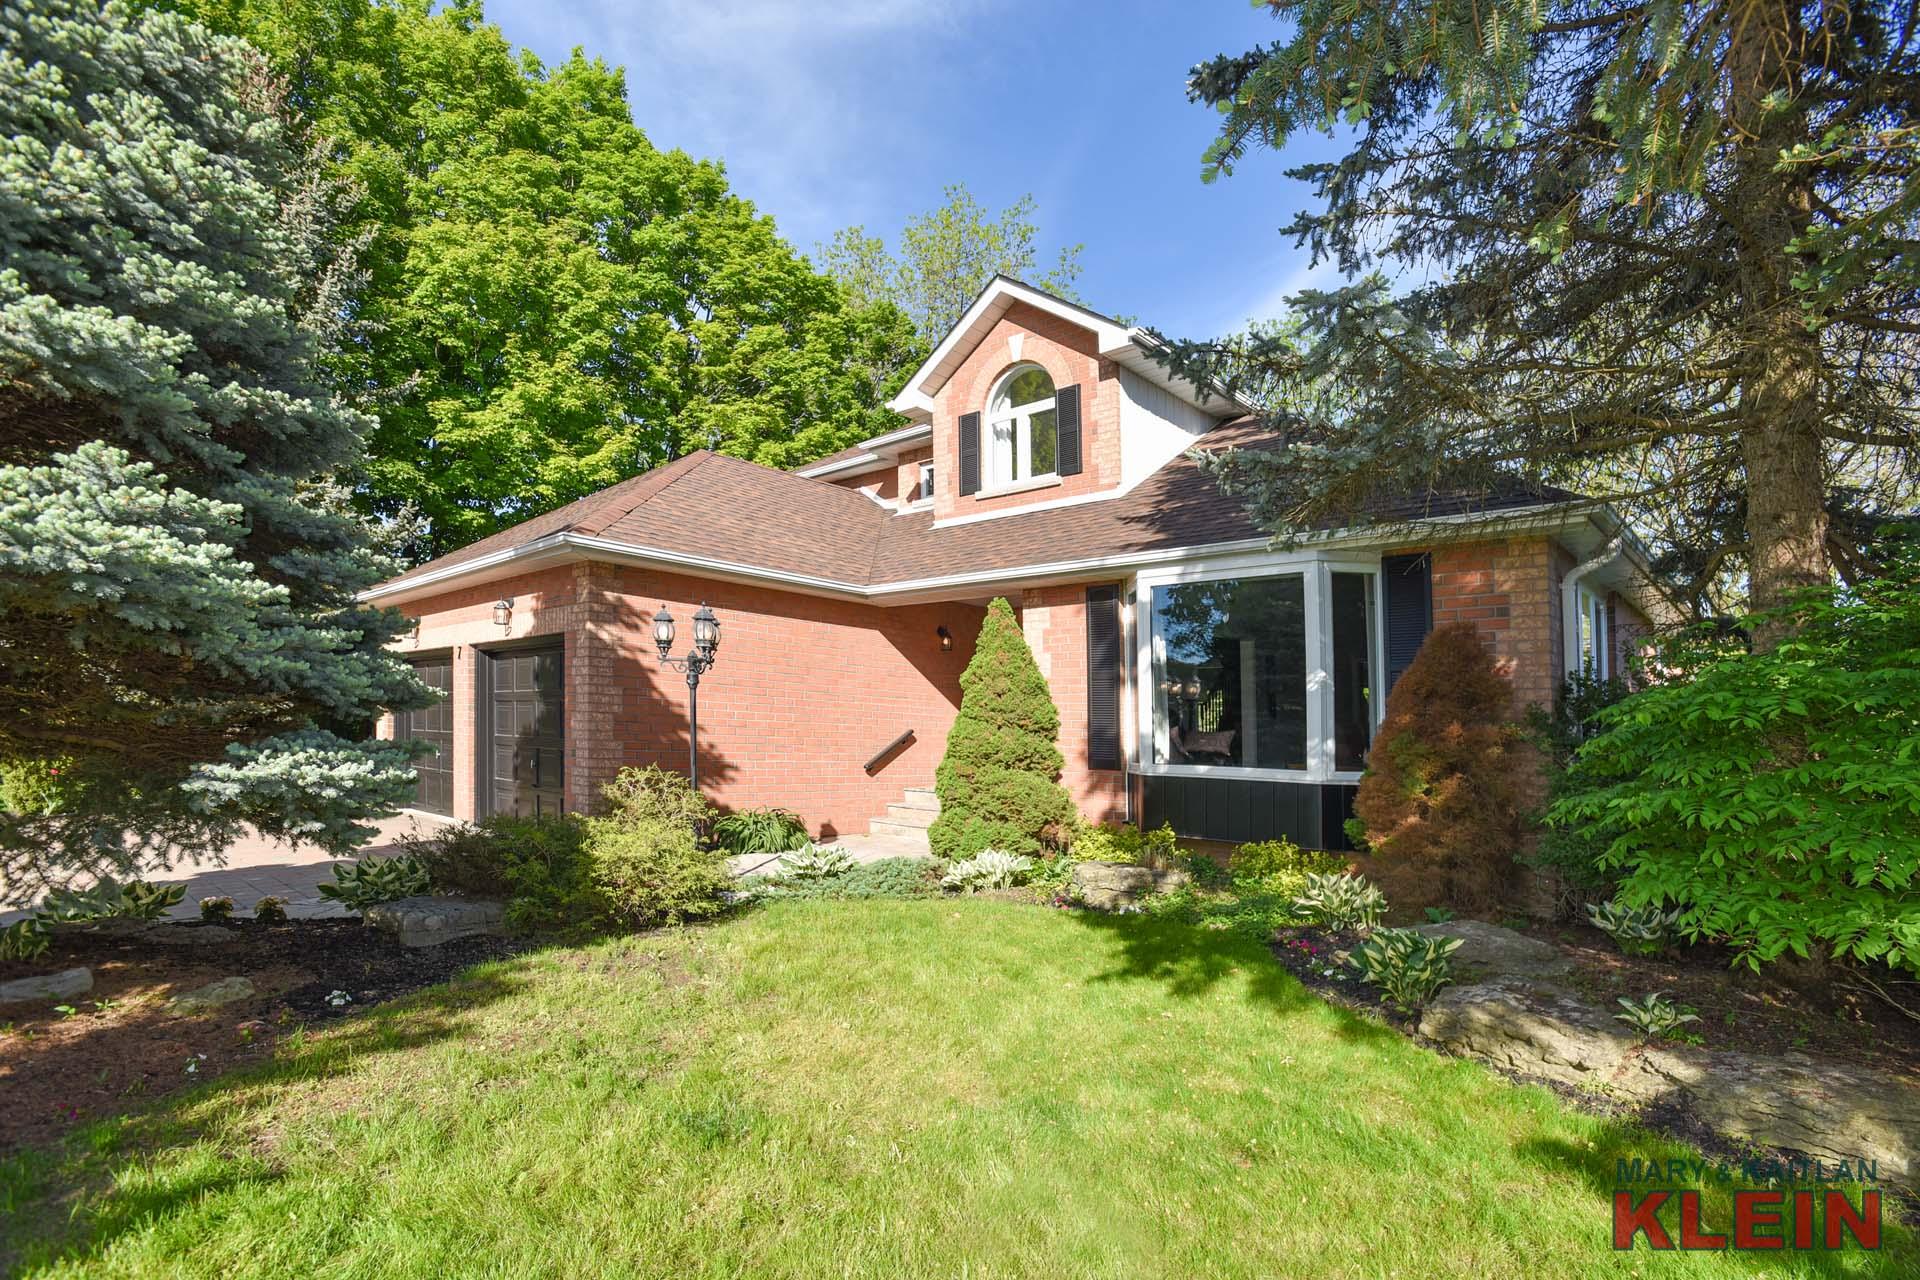 2 car garage, 2 Storey Home for sale, Klein Team